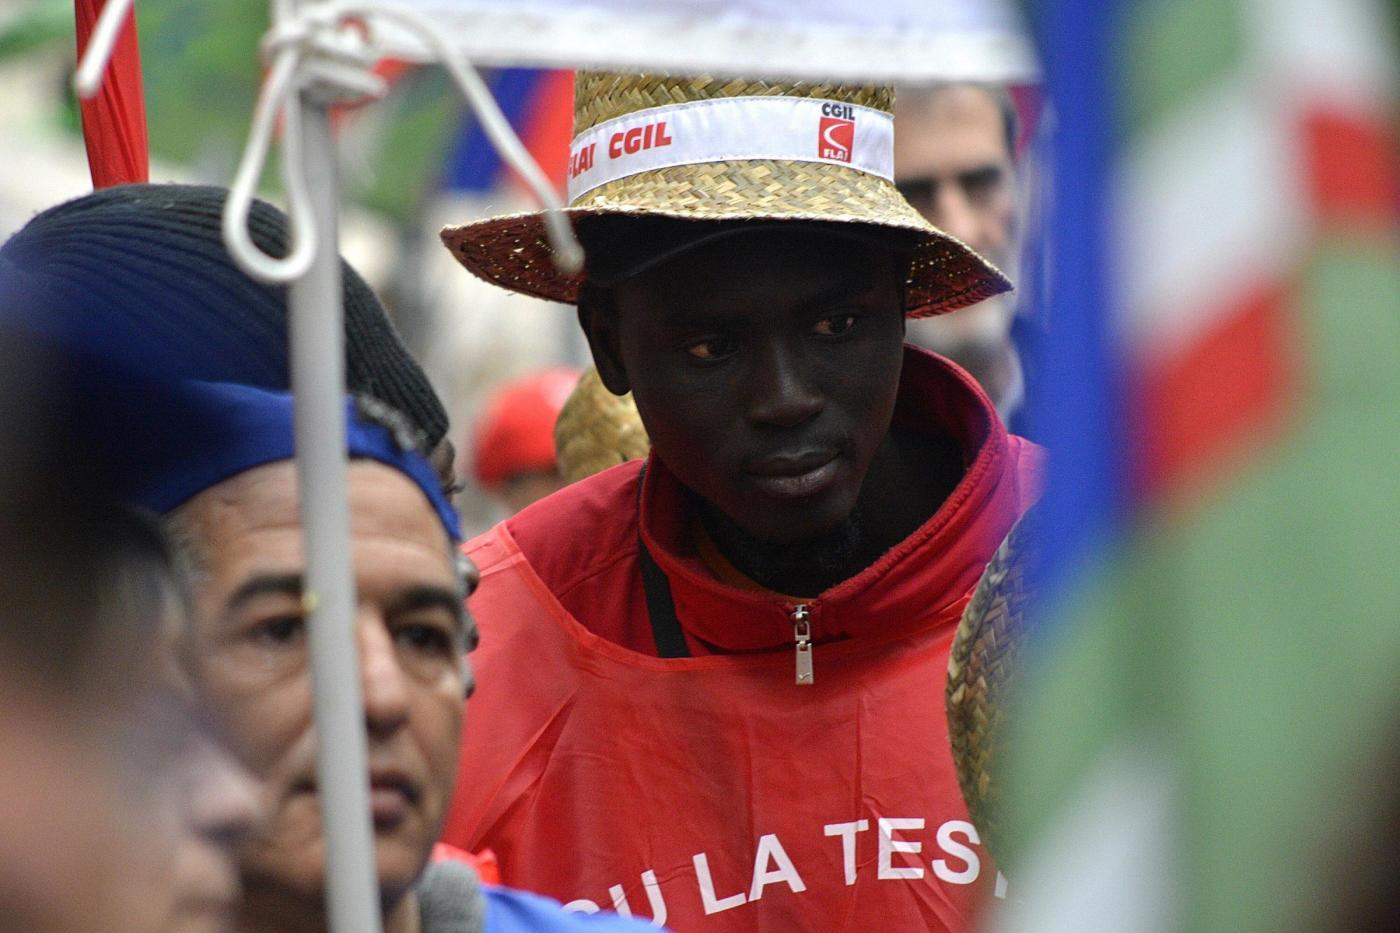 Immigrati motore del Pil italiano: valgono 127 miliardi, quasi come la Fiat